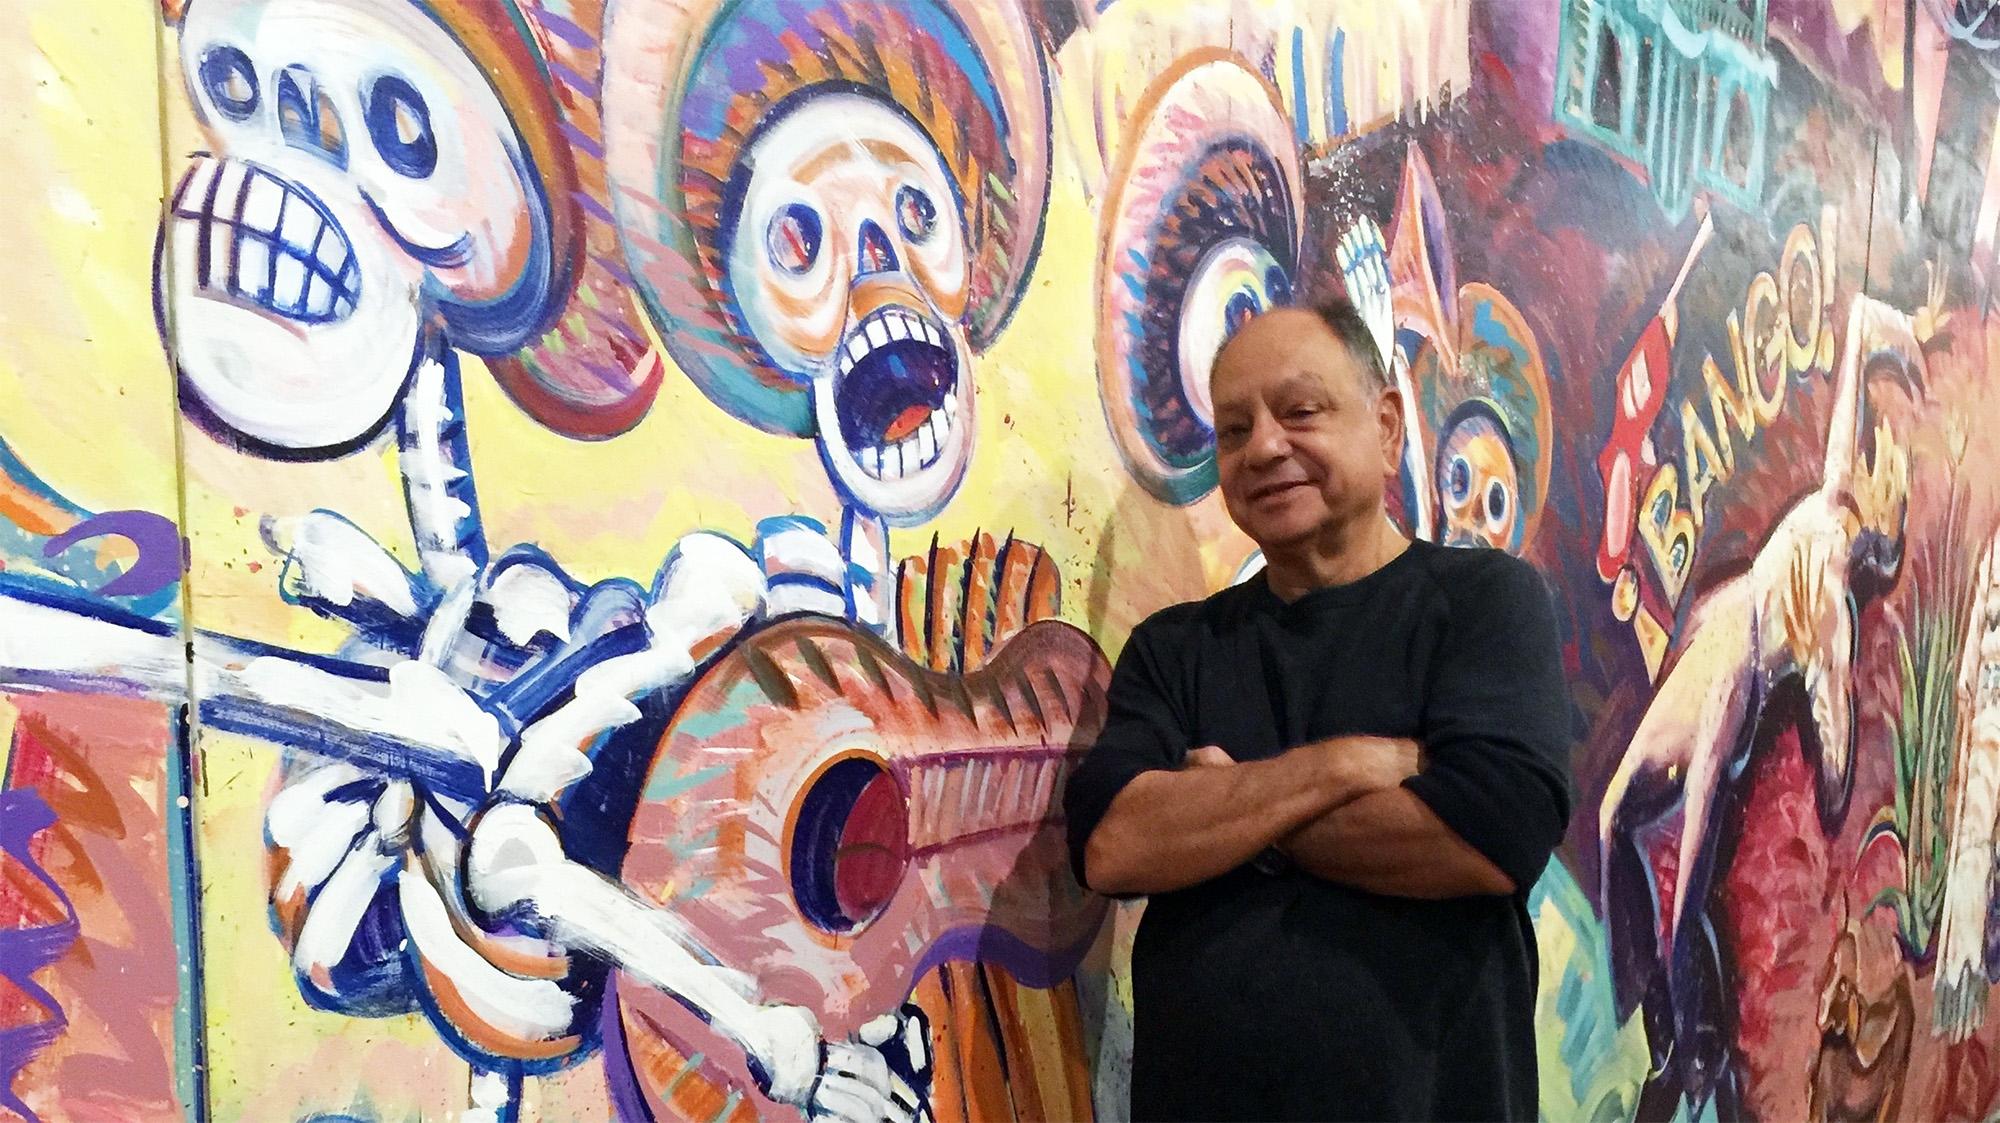 Marín lleva años coleccionando arte chicano